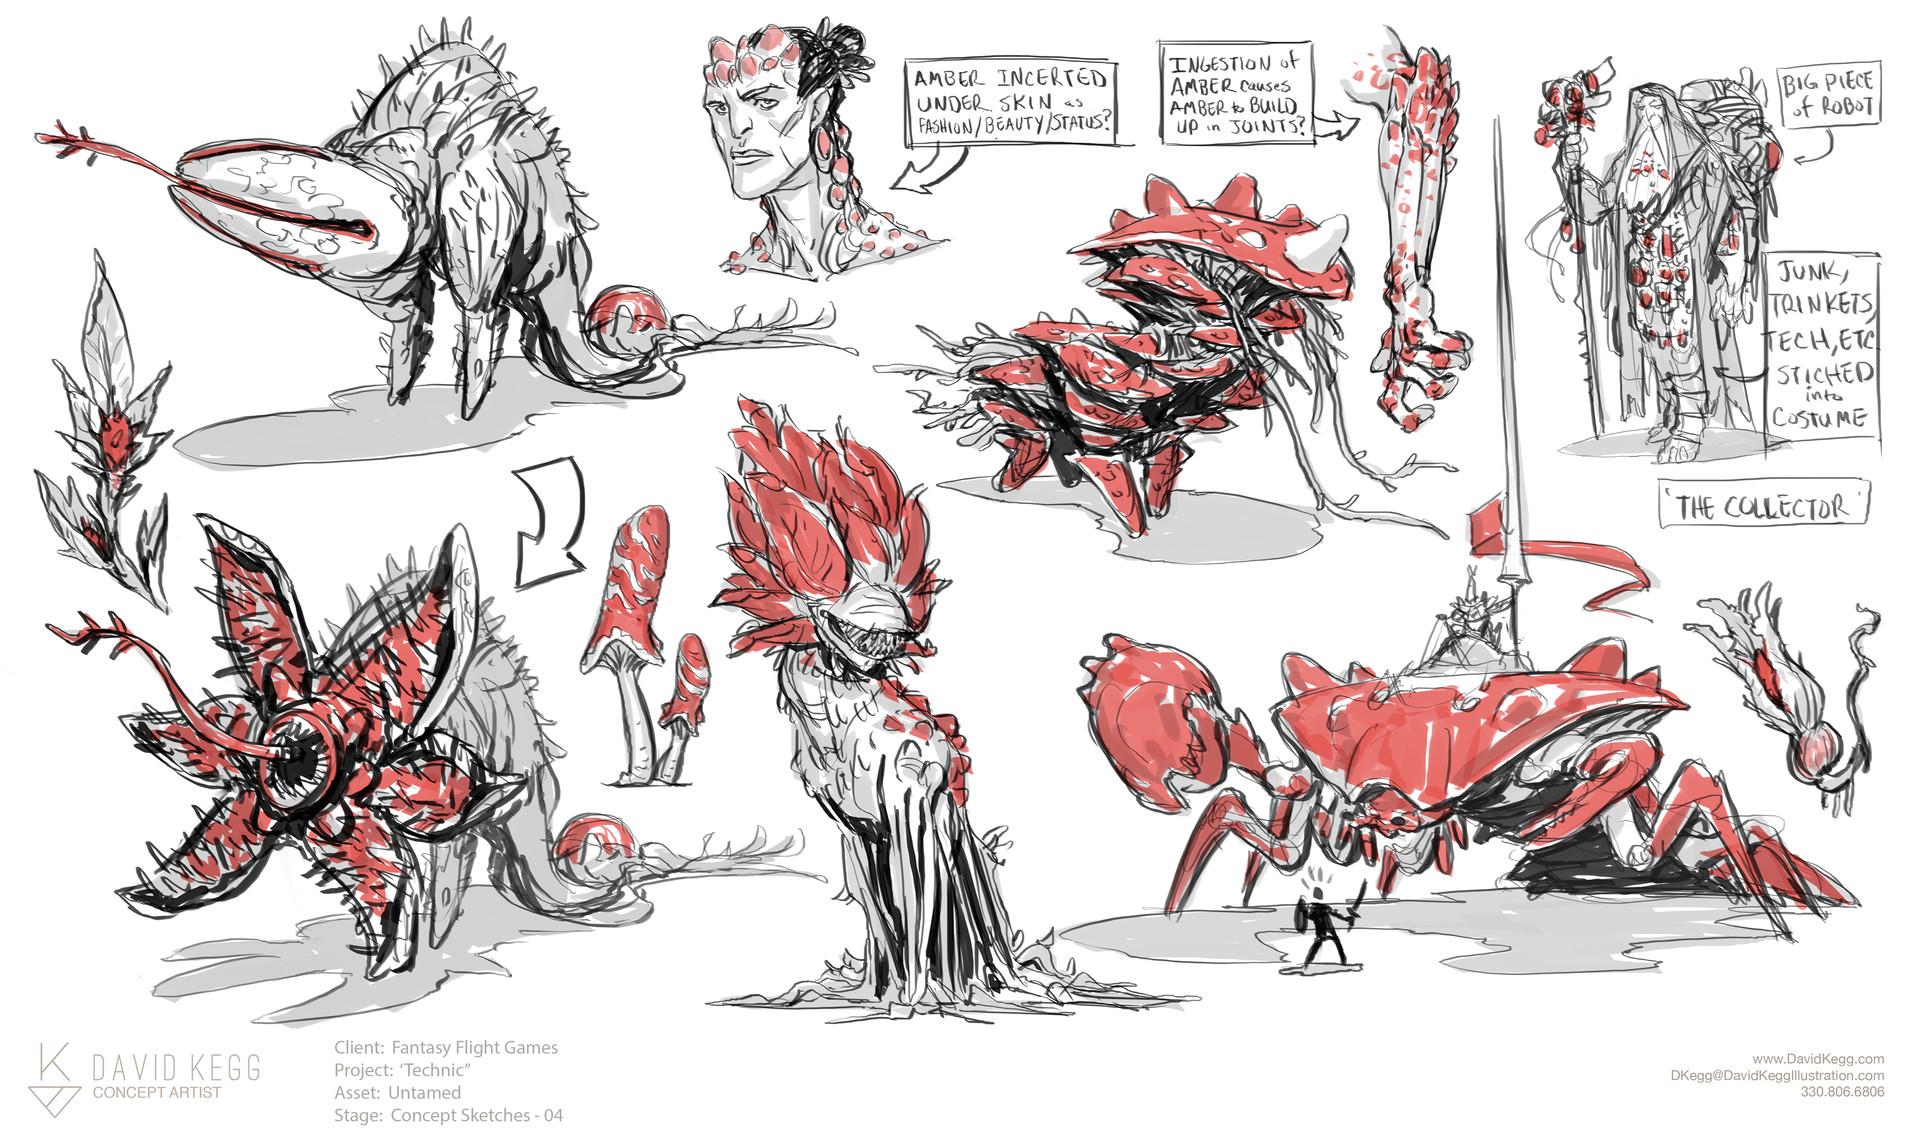 *Lower left flytrap critter designed before I saw 'Stranger Things'.  Honest! :P